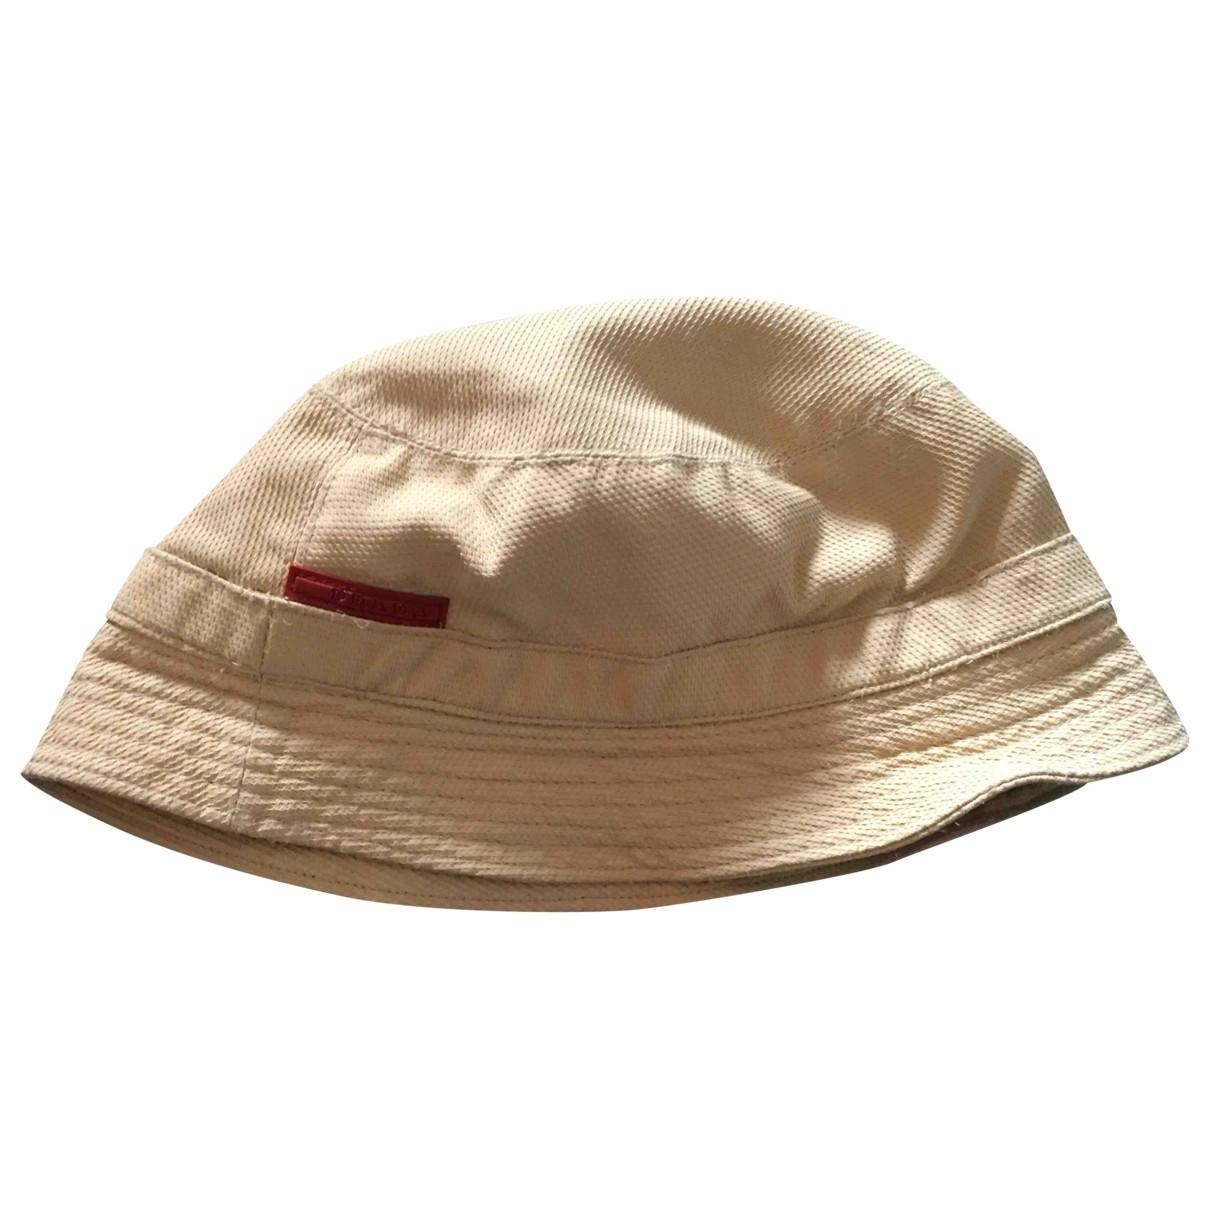 Prada - Chapeau & Bonnets   pour homme - beige